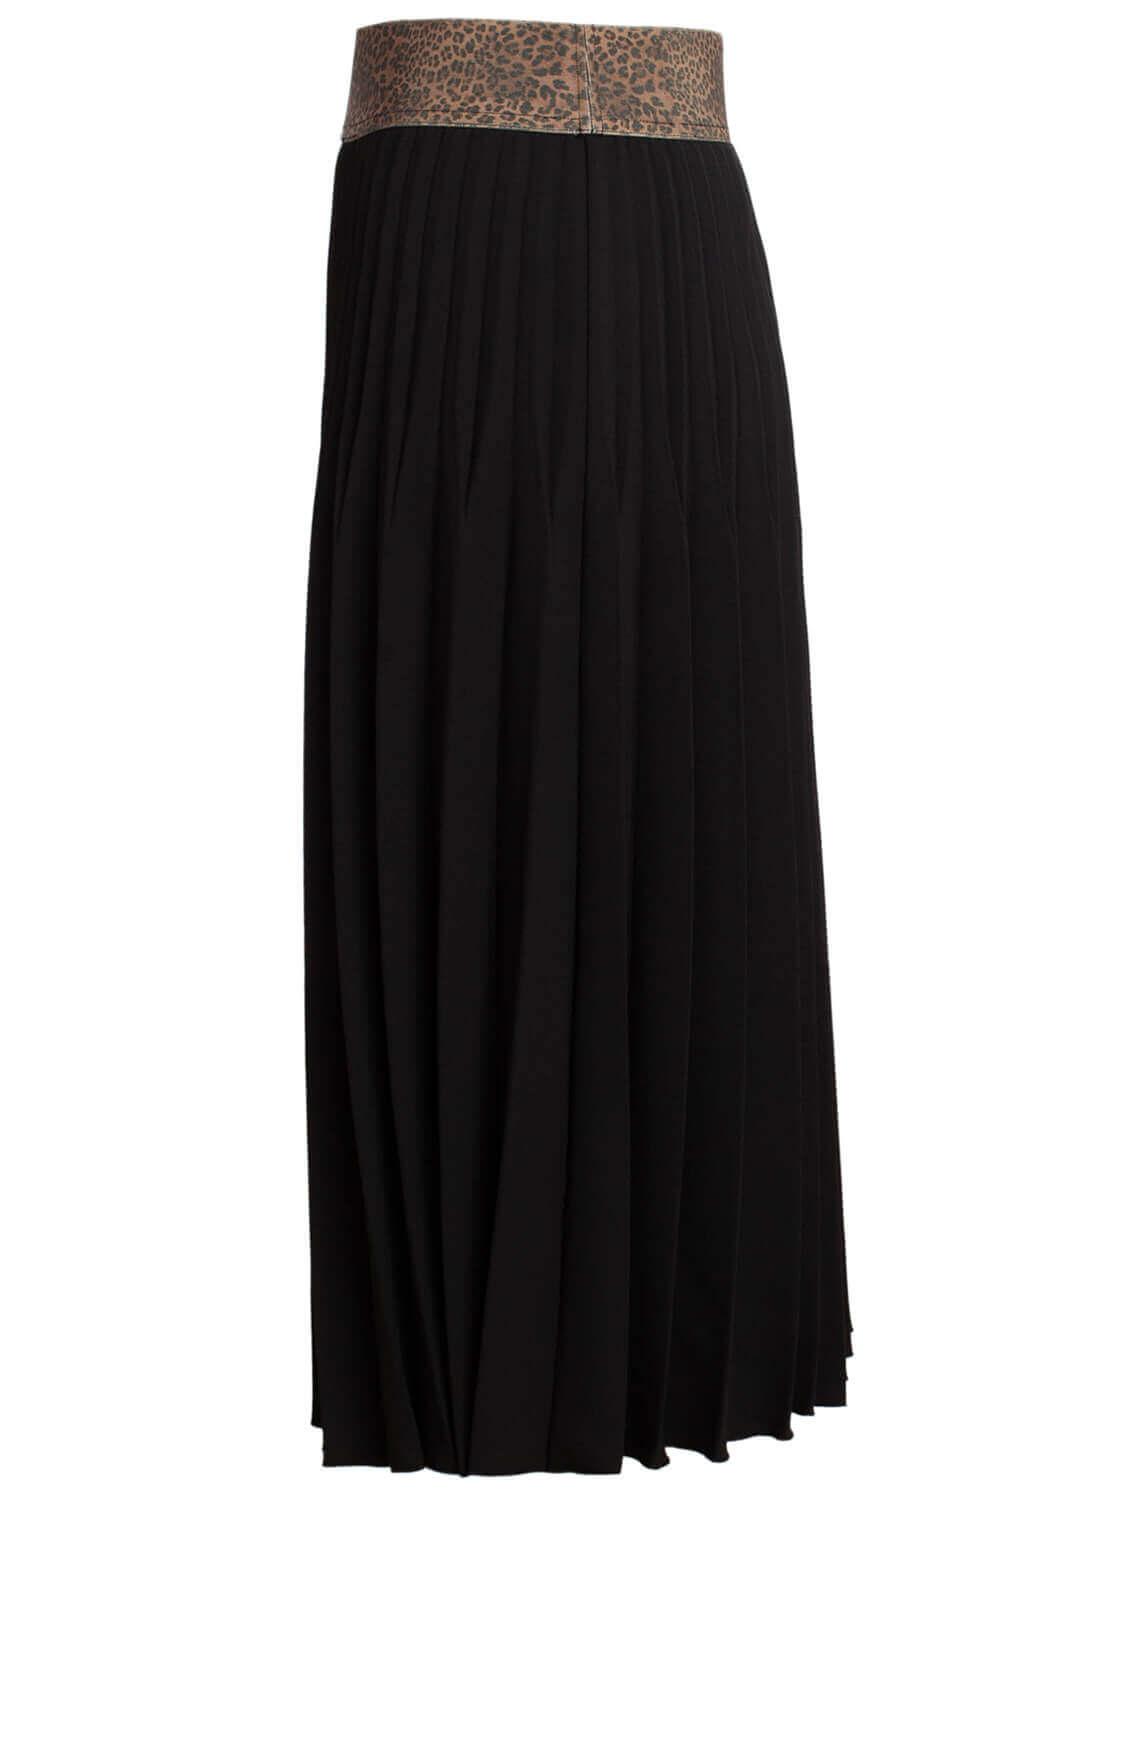 Kocca Dames Bolton plissé rok zwart